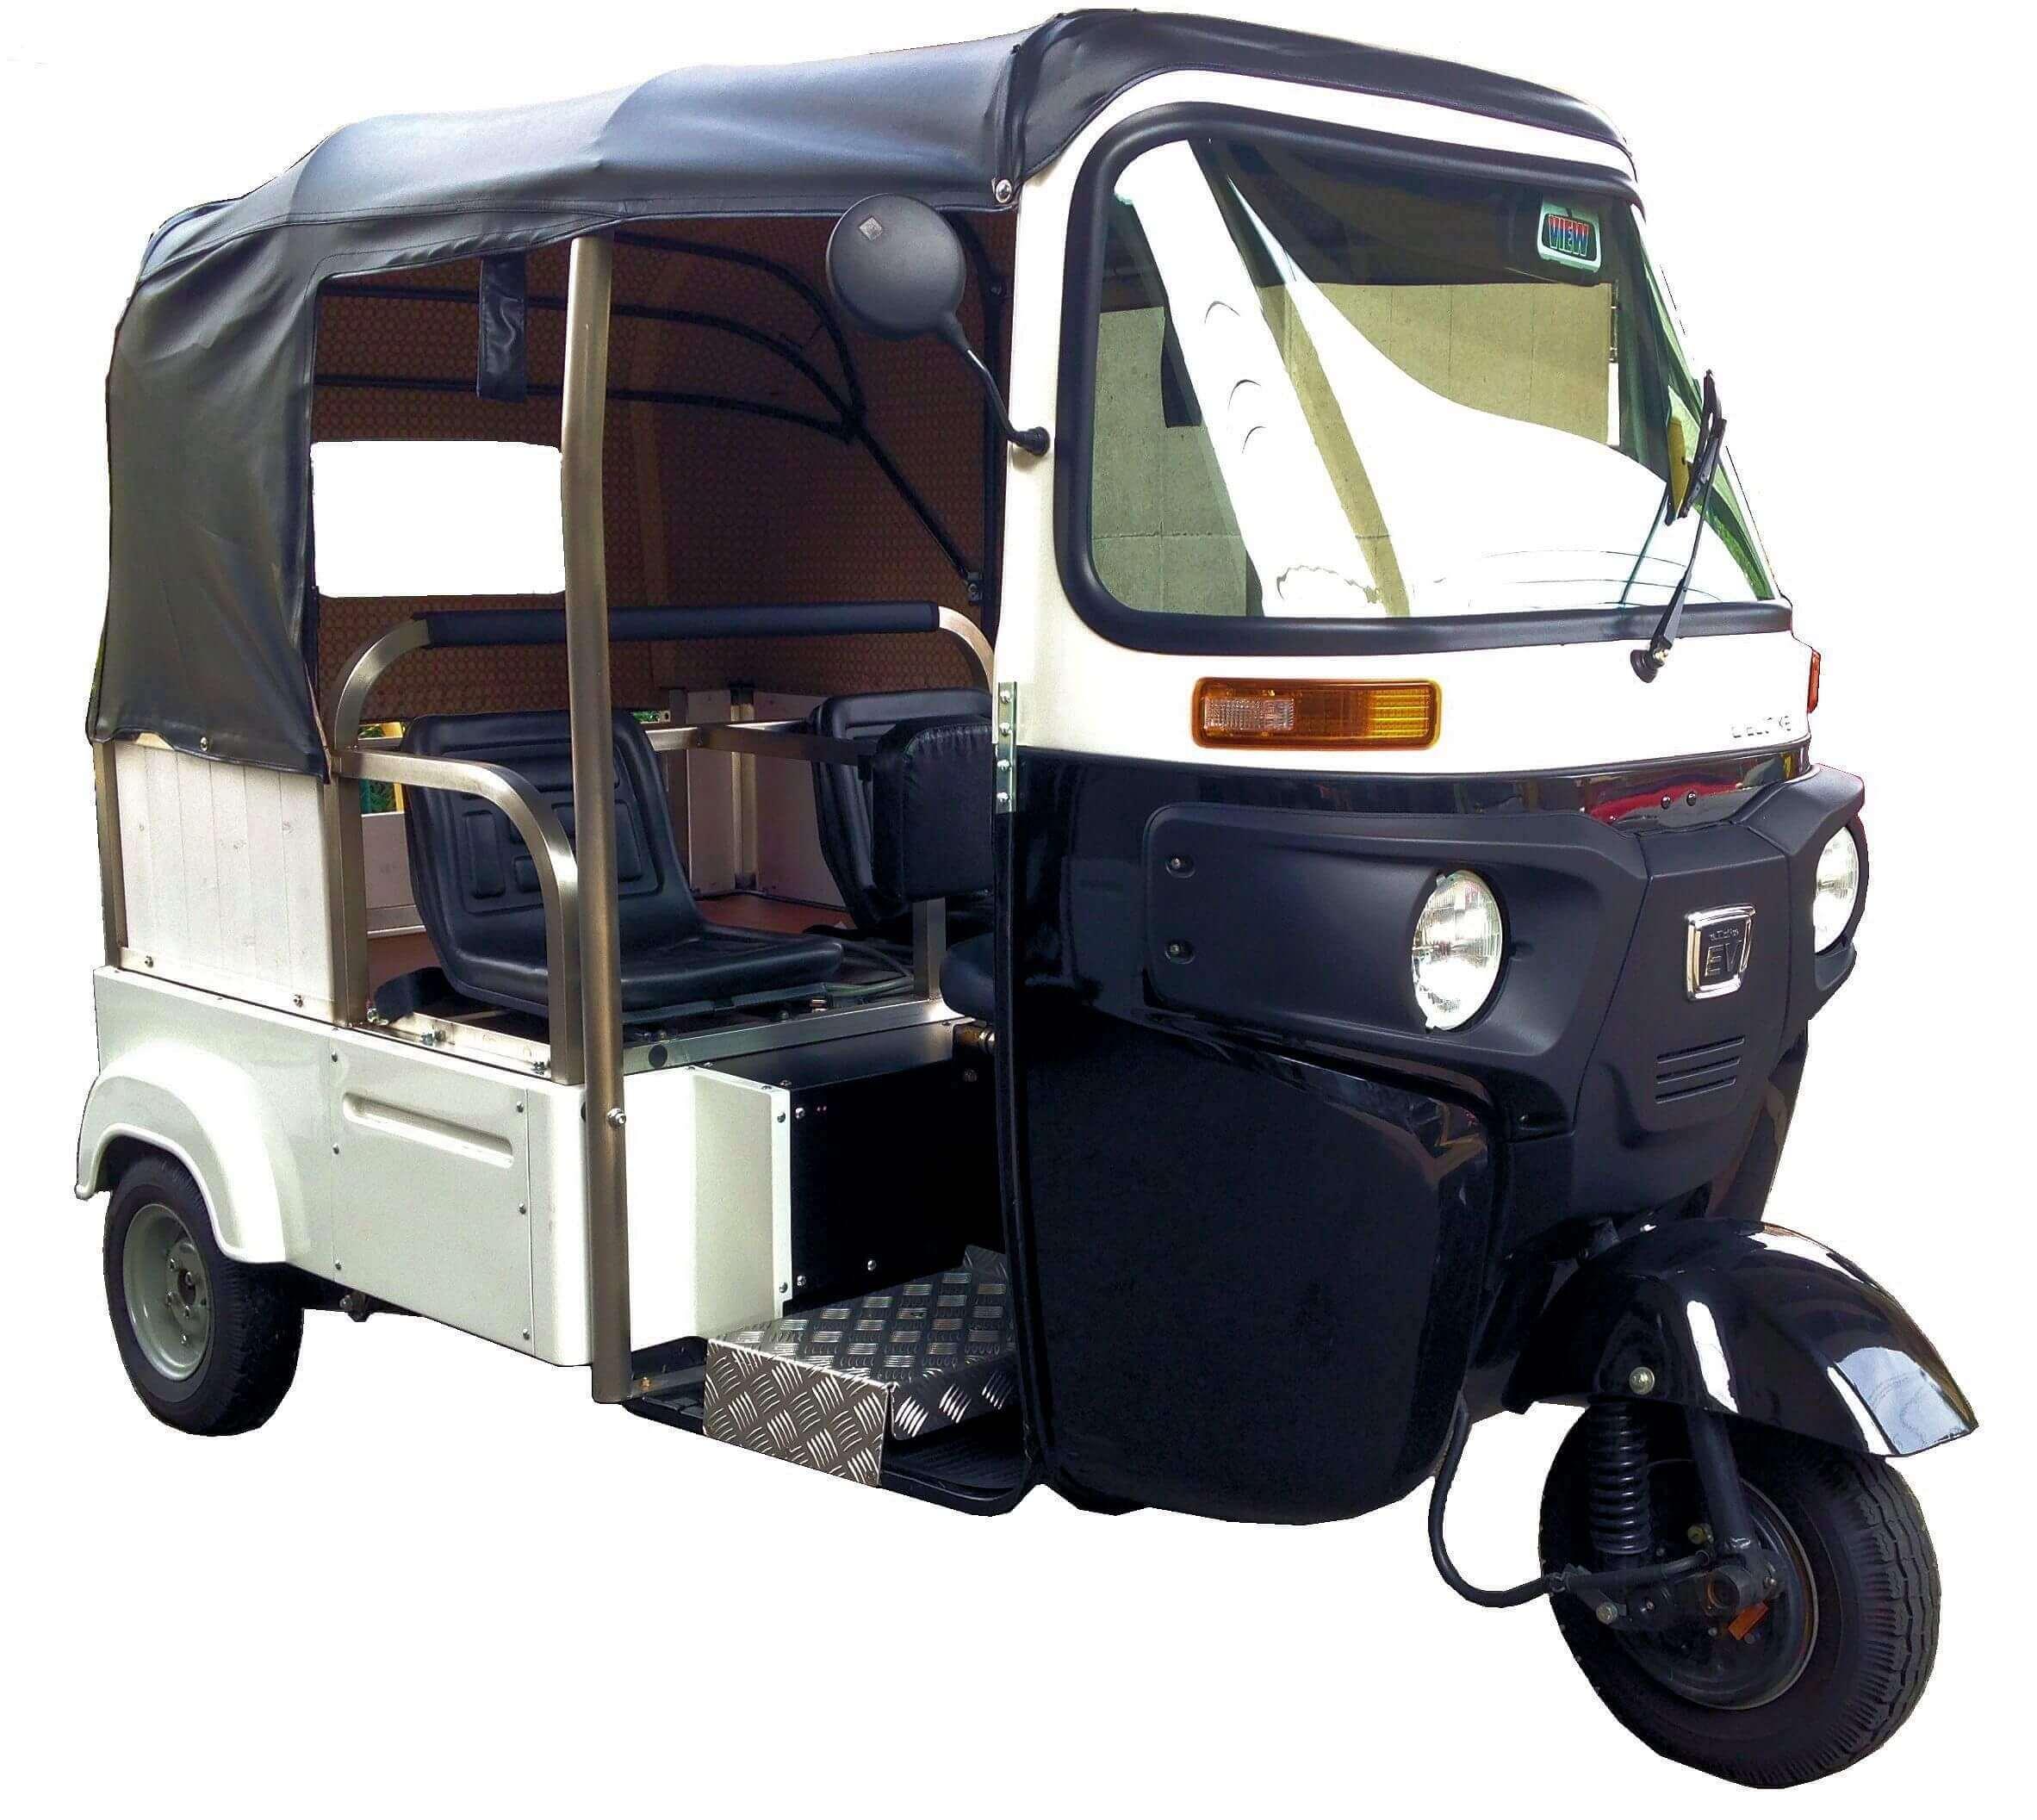 三輪電気自動車エレクトライク1